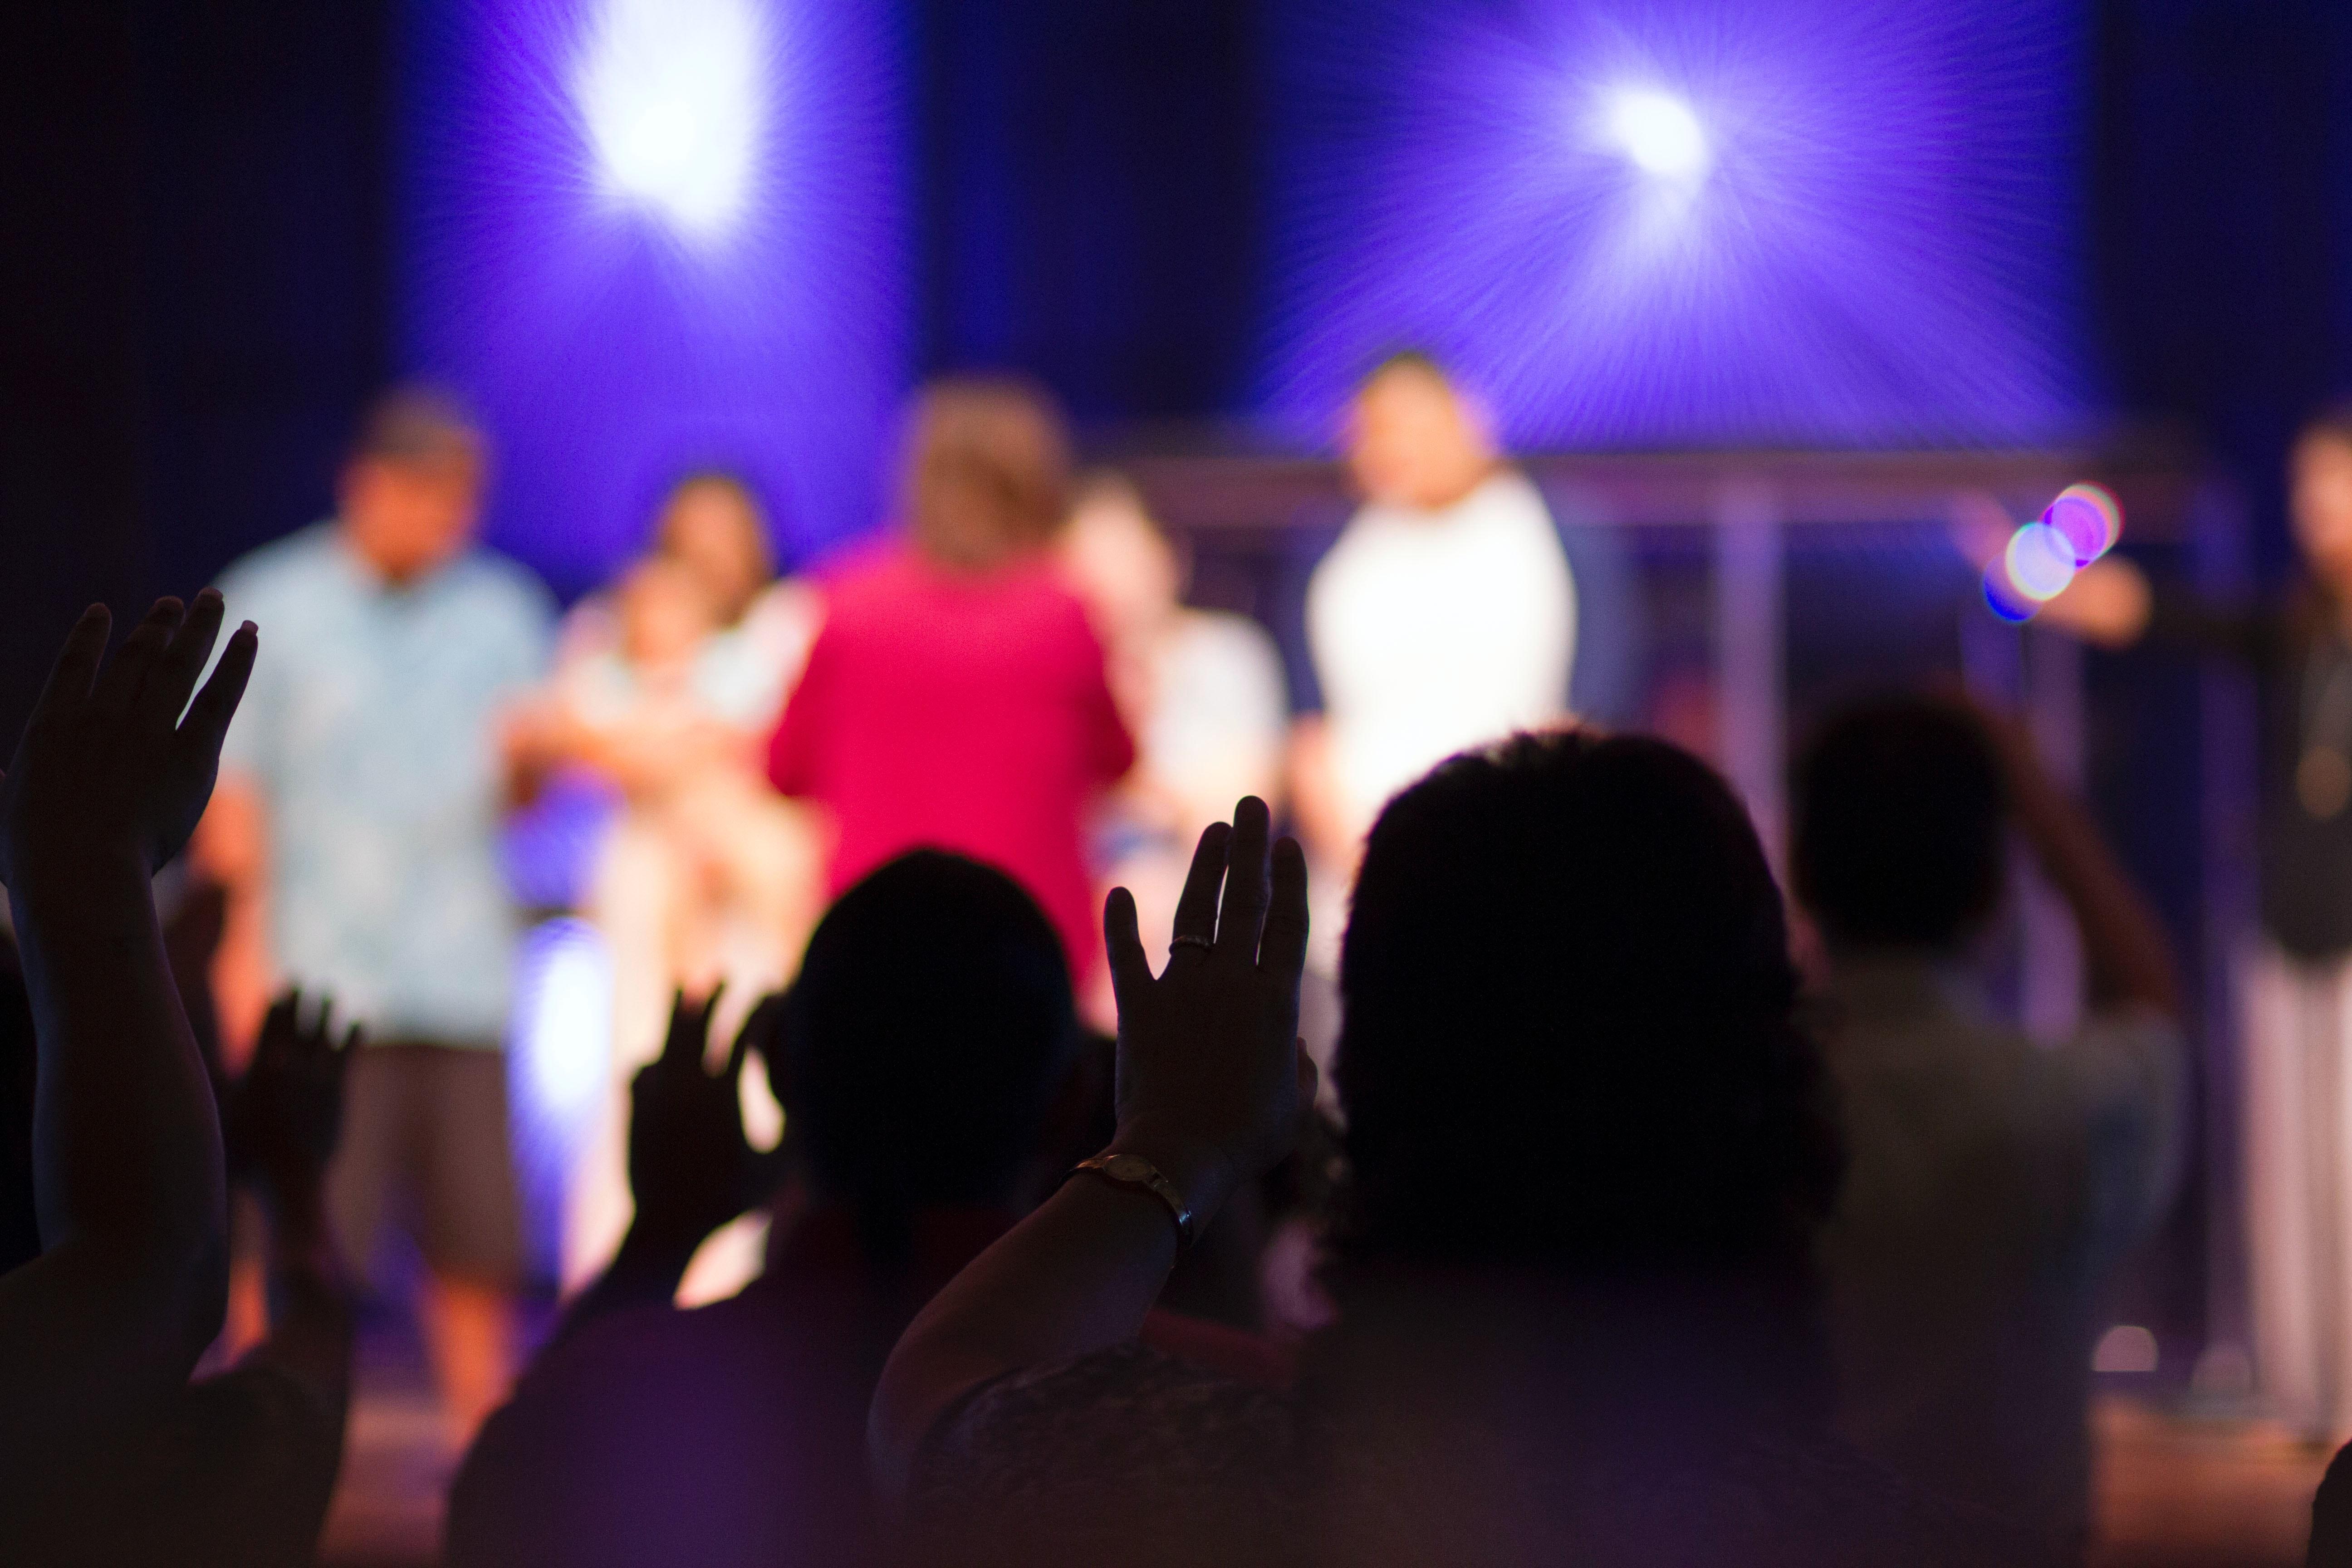 Foto von Menschen auf einer Bühne und davor Publikum